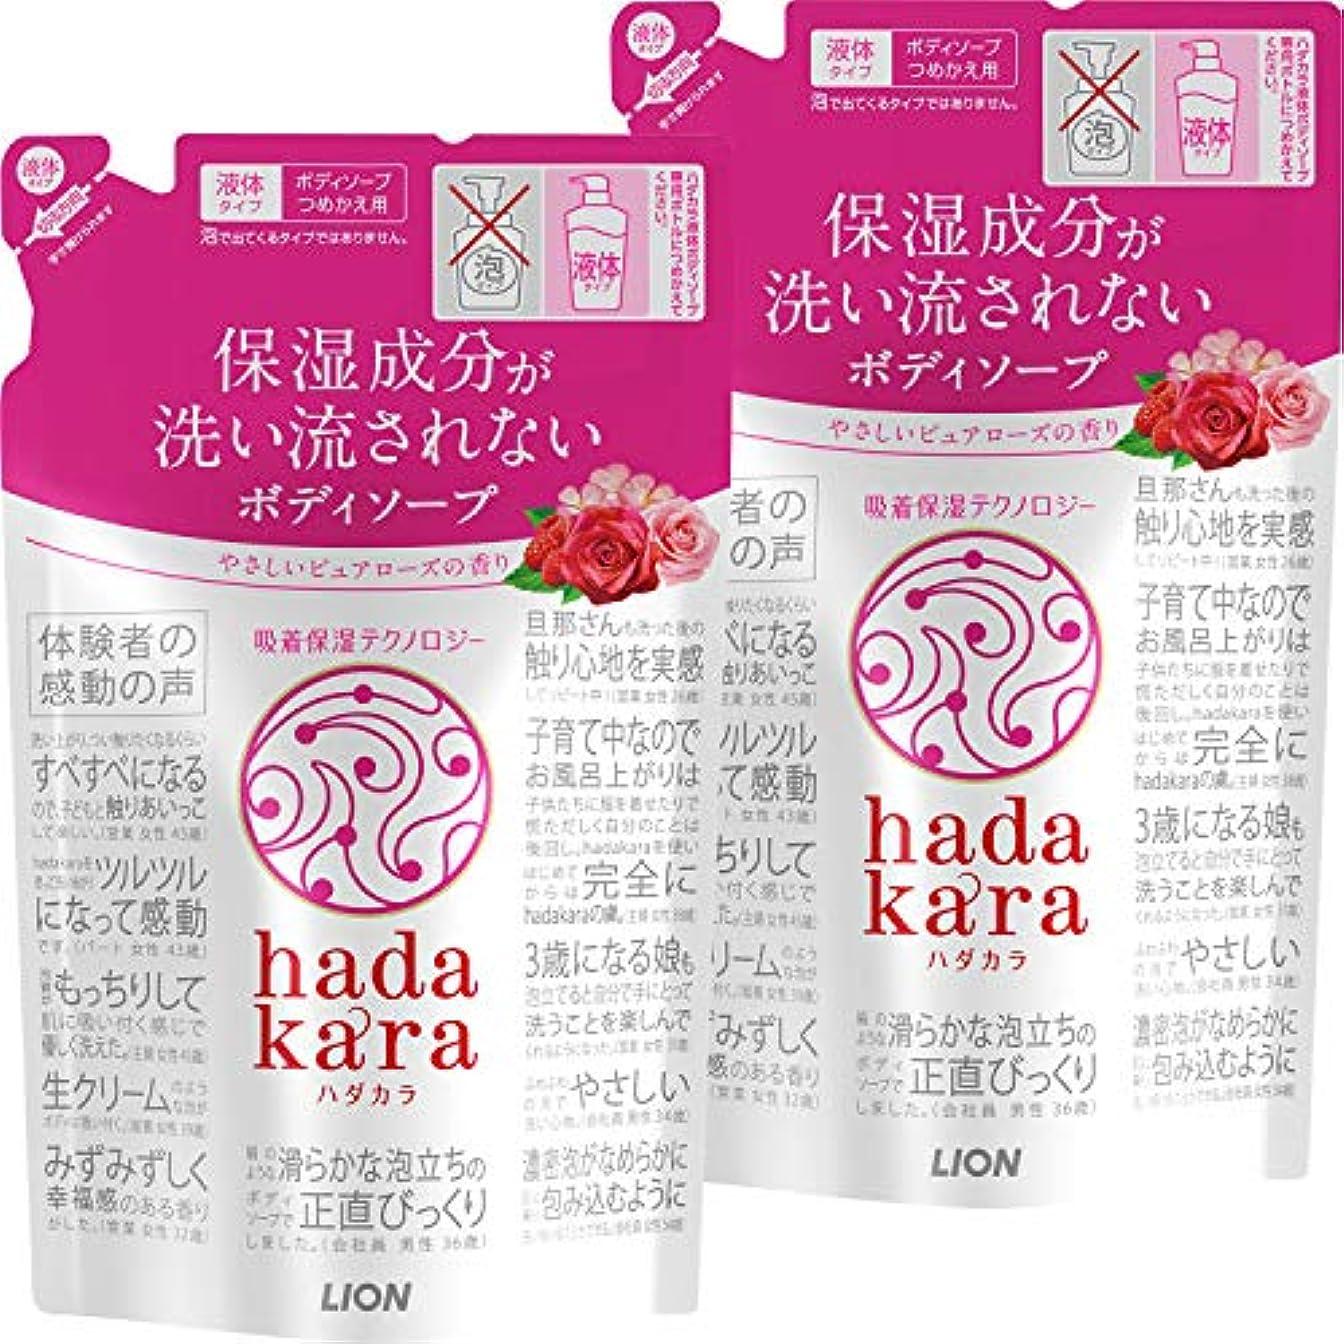 バンガローシリーズ従事した【まとめ買い】hadakara(ハダカラ) ボディソープ ピュアローズの香り 詰め替え 360ml×2個パック